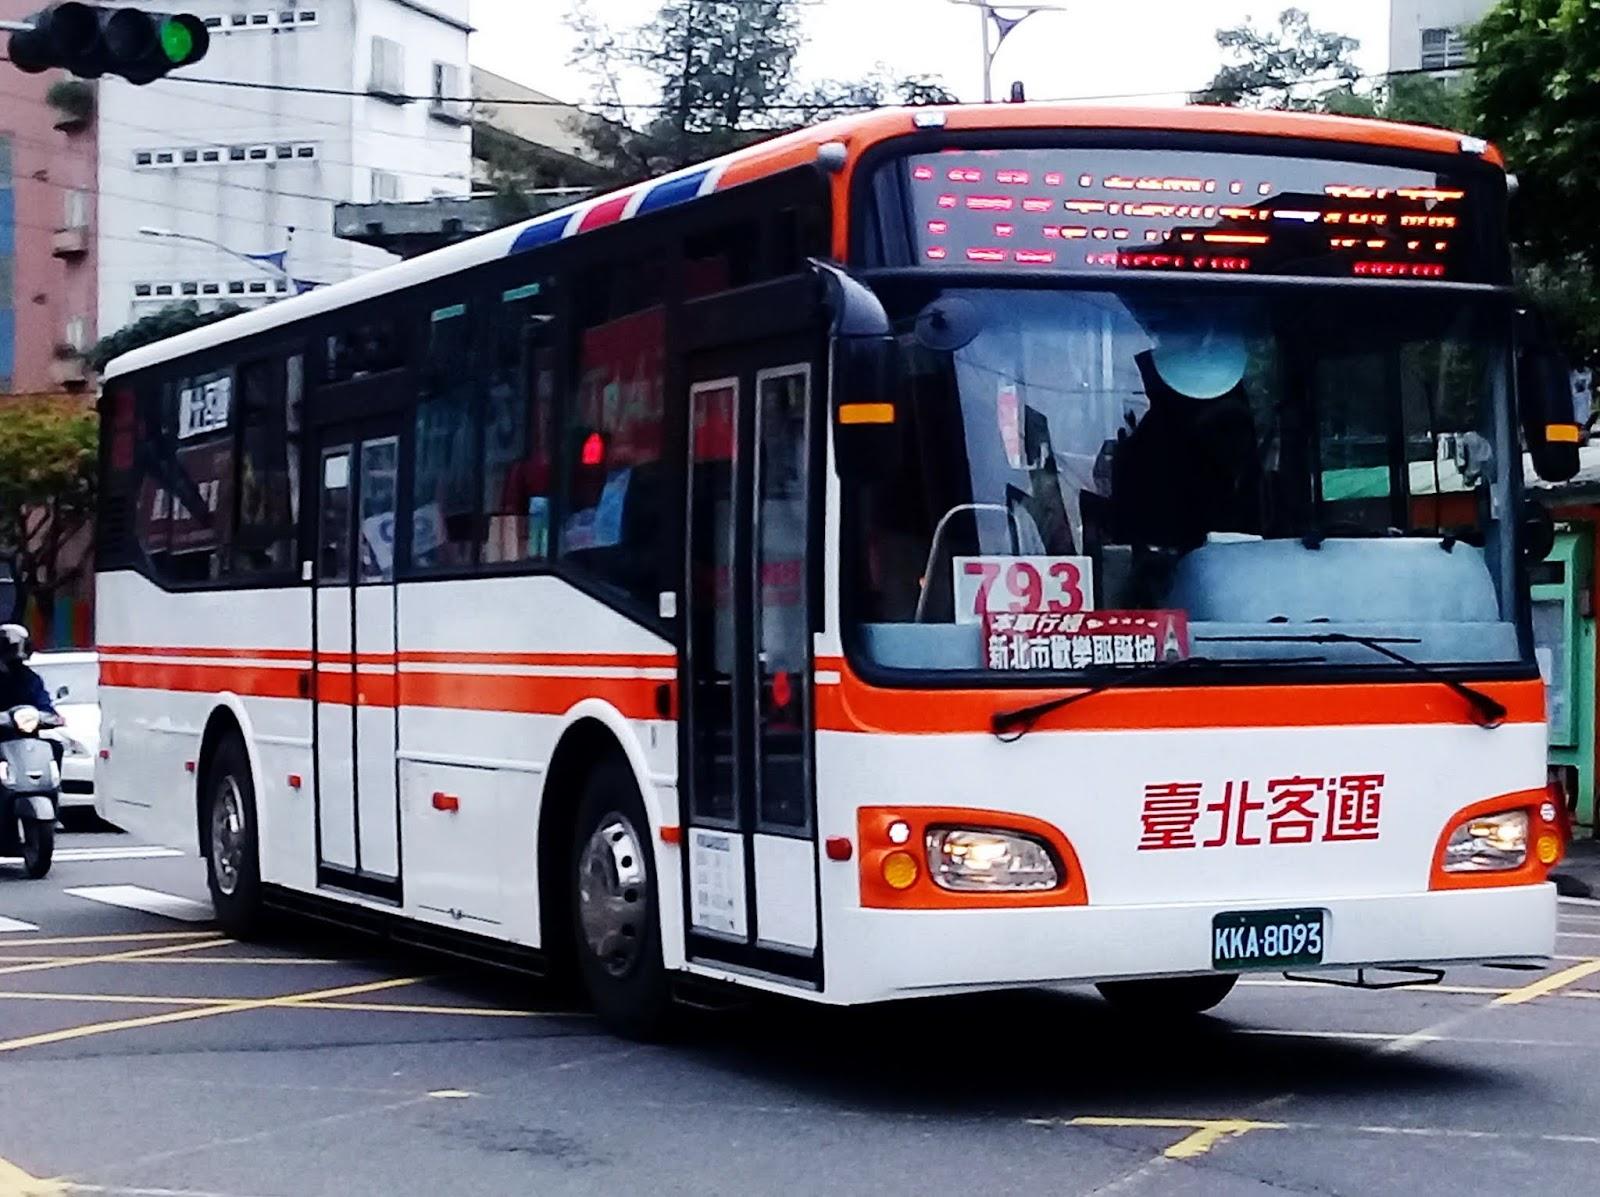 就是愛公車: 20181225 793 樹林-動物園 搭乘紀錄-2